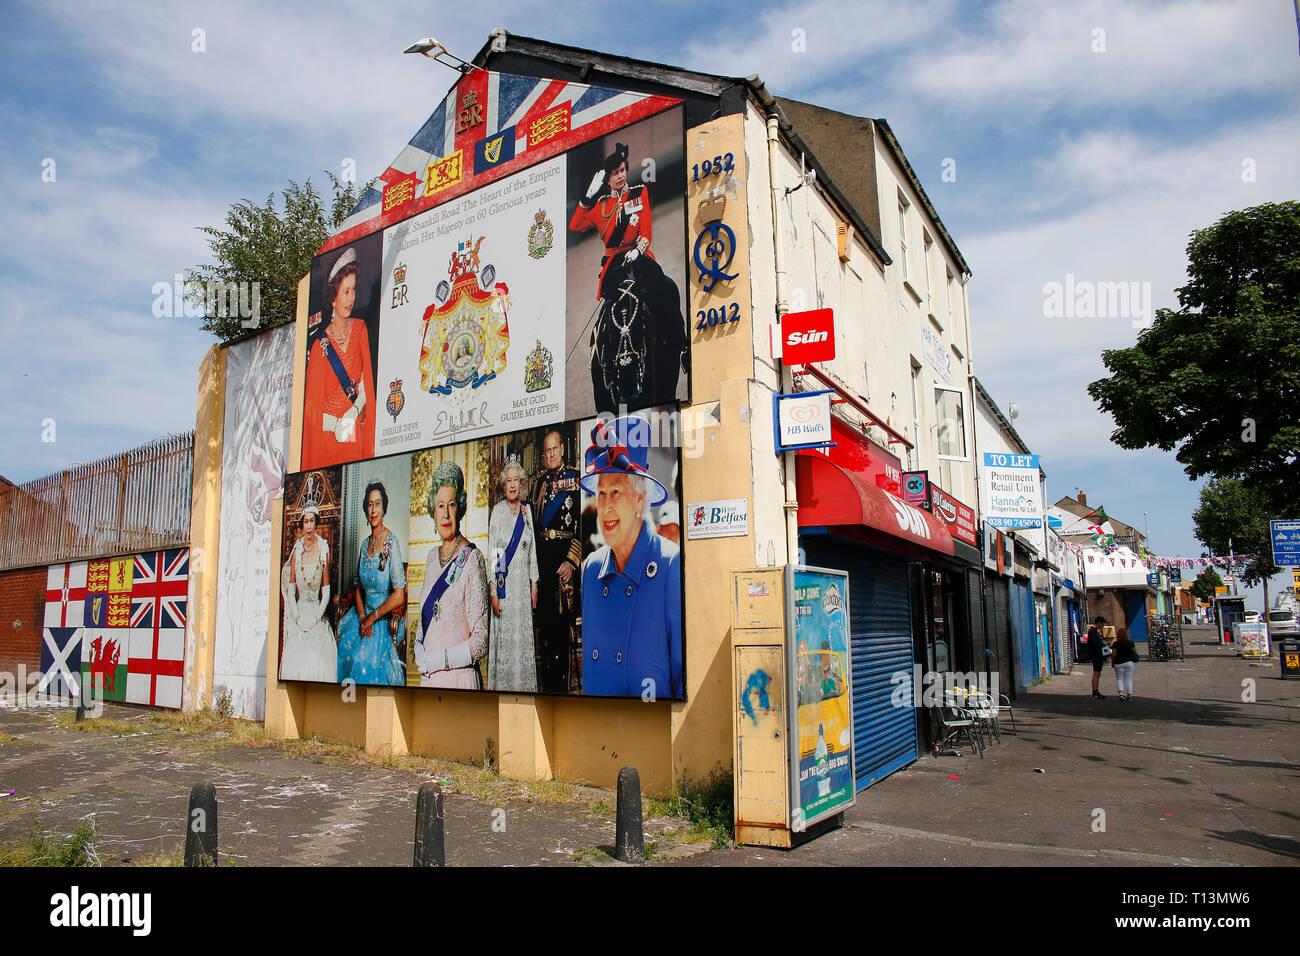 britische Fahne und Portrait der britischen Koenigin Elizabeth II - Wandbild/ Mural, das an den Buergerkrieg erinnert , im protestantischen Teil Belfa - Stock Image